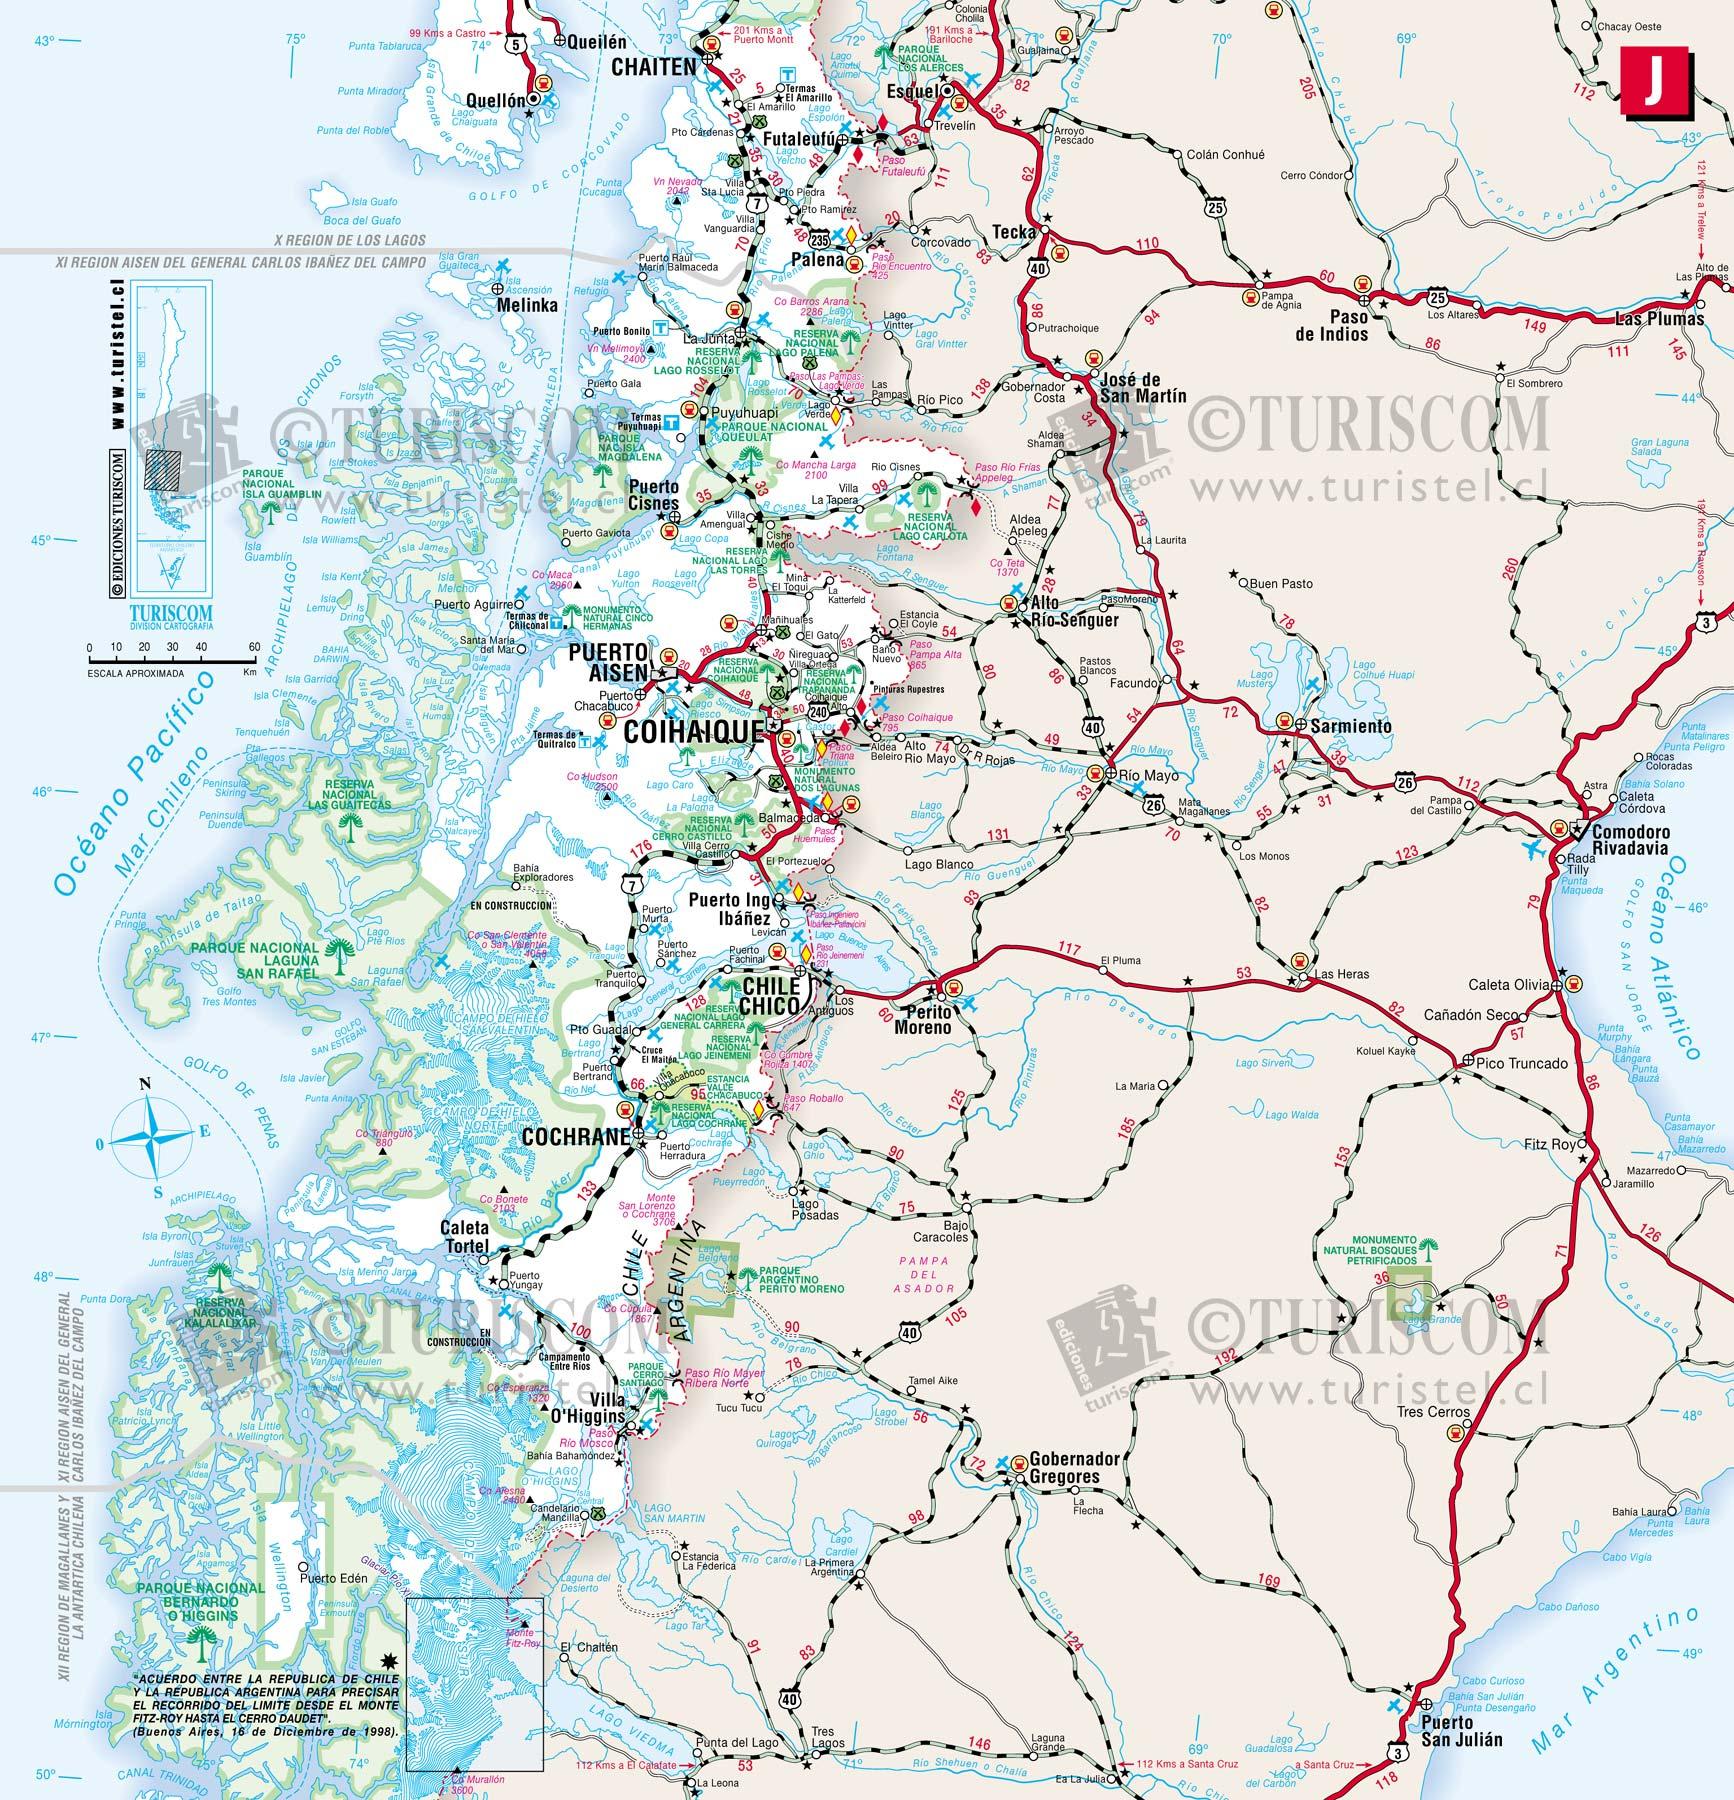 Mapa Sur De Chile.Mapas Ruteros De Chile